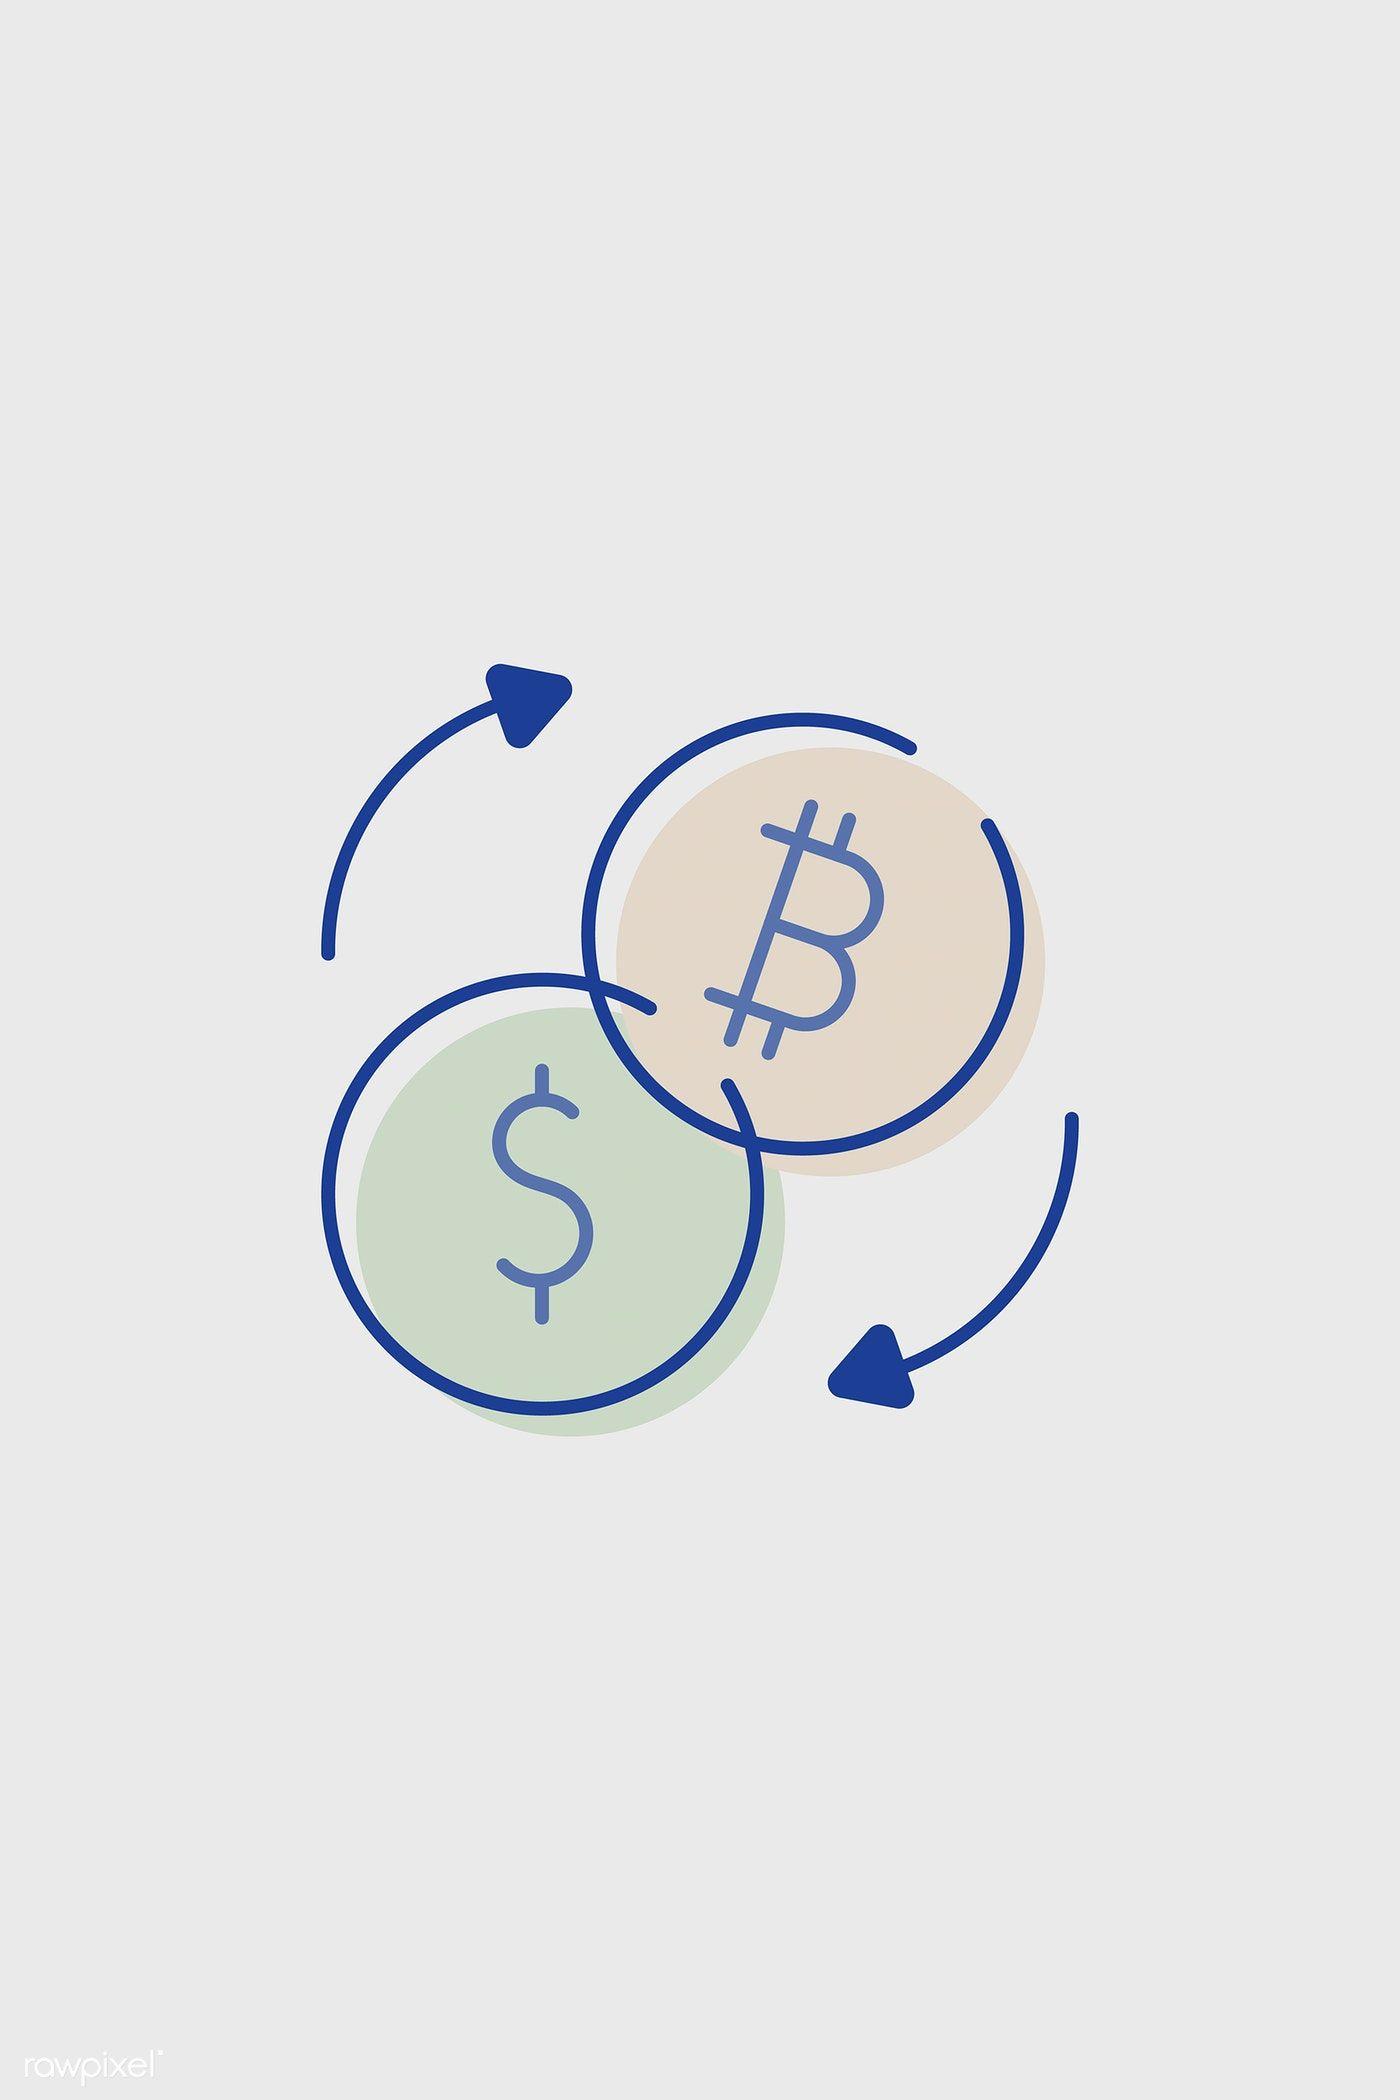 jav bitcoin trading